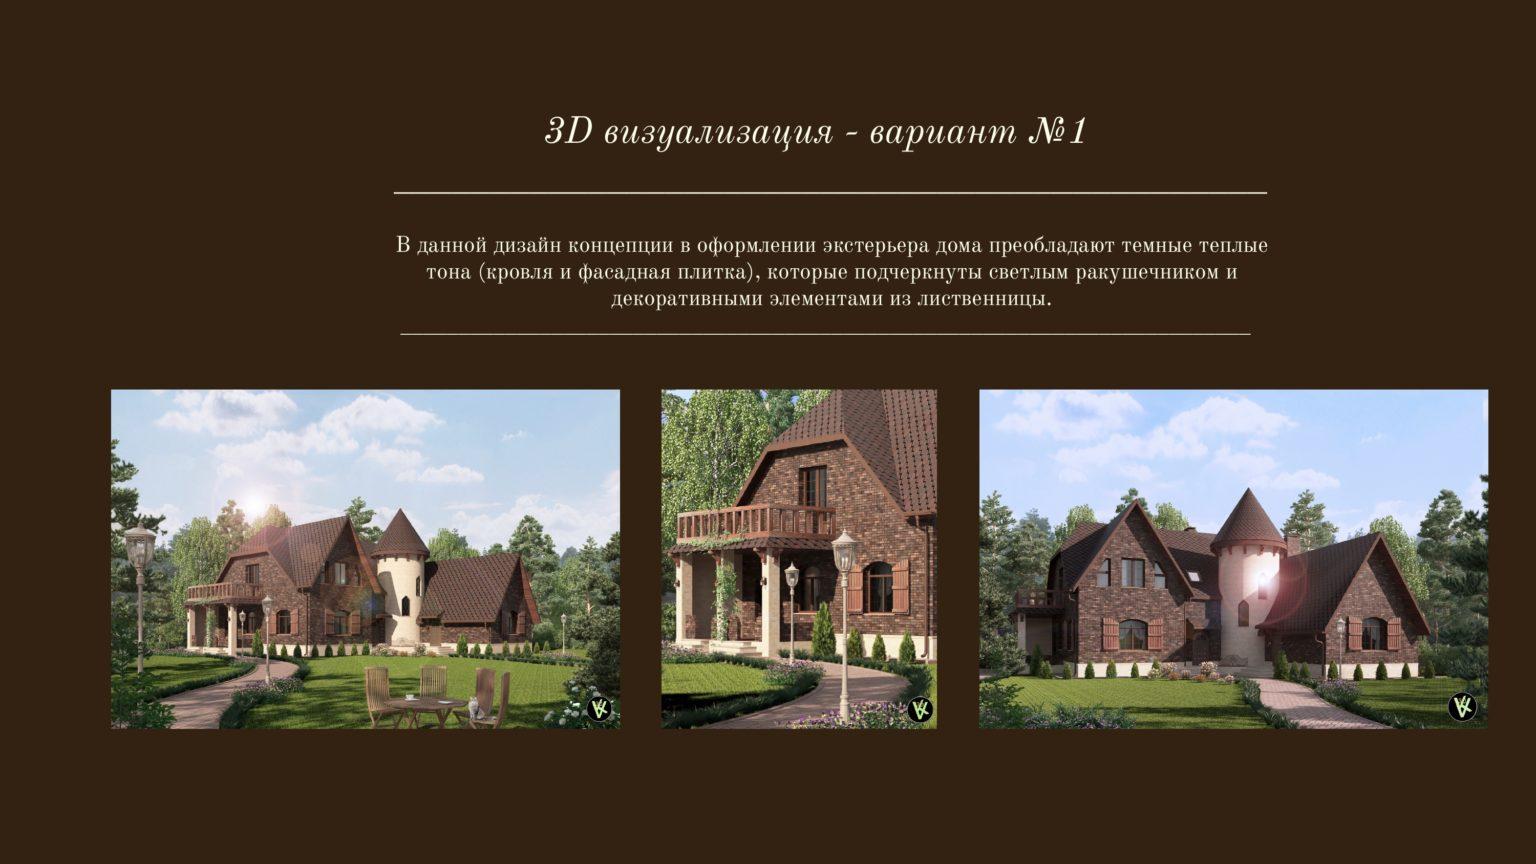 Дизайн проект и 3D визуализация Кравцово2 — page-0002